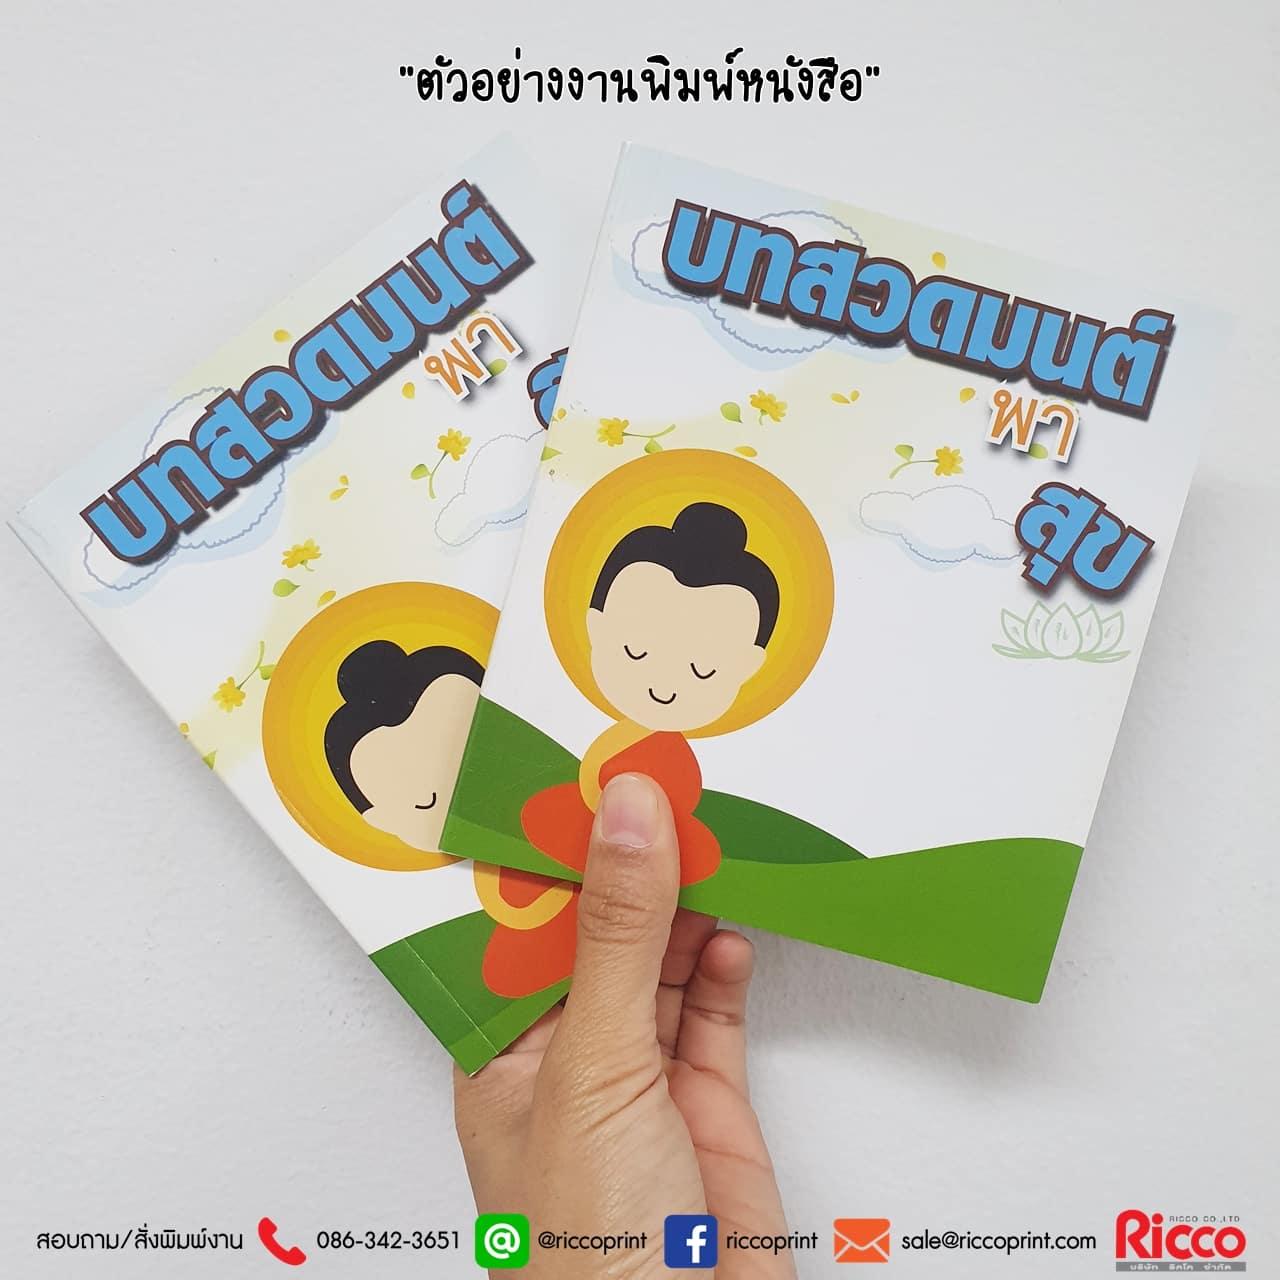 รูป Booklet 2019 16 - ประกอบเนื้อหา หนังสือ คู่มือ Booklet